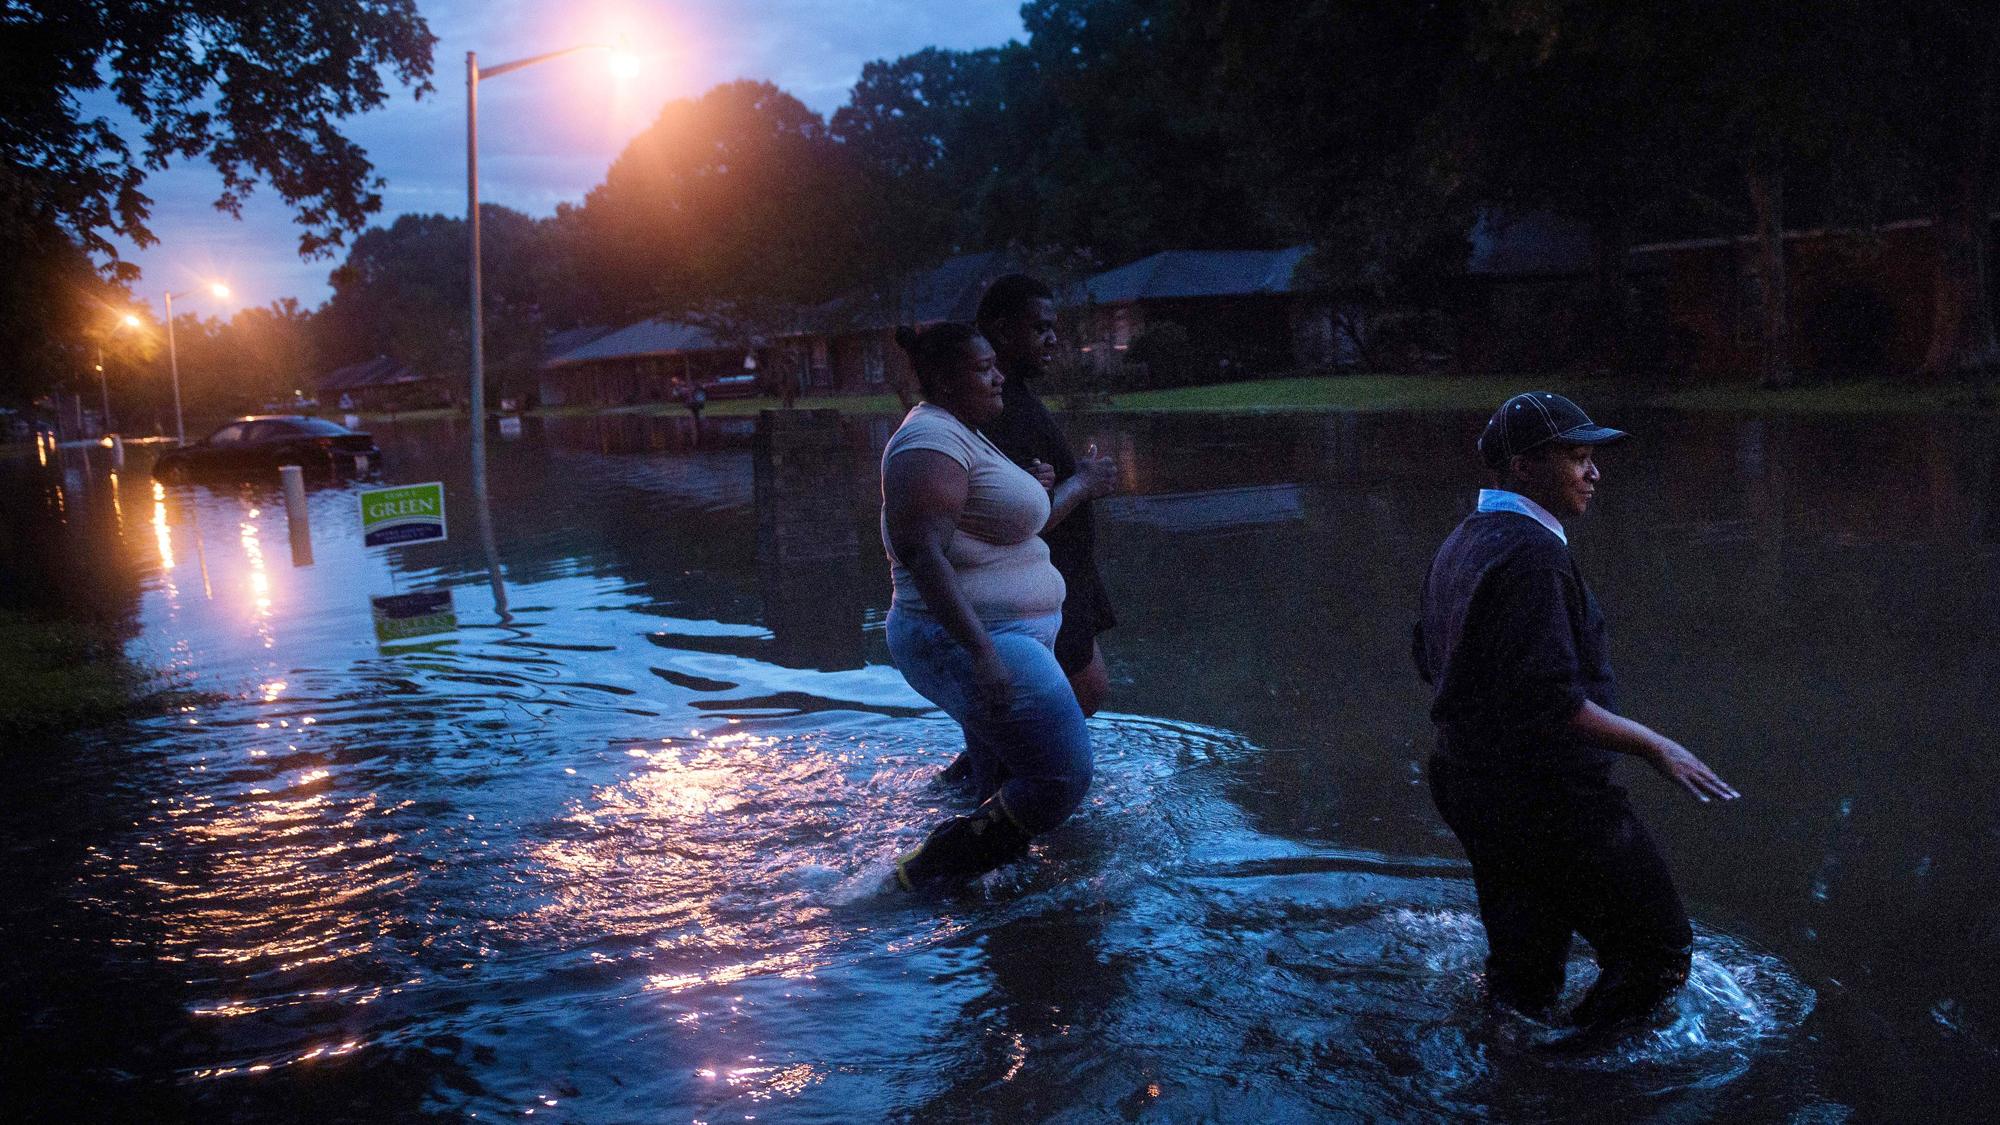 flood-US-WEATHER-FLOODS